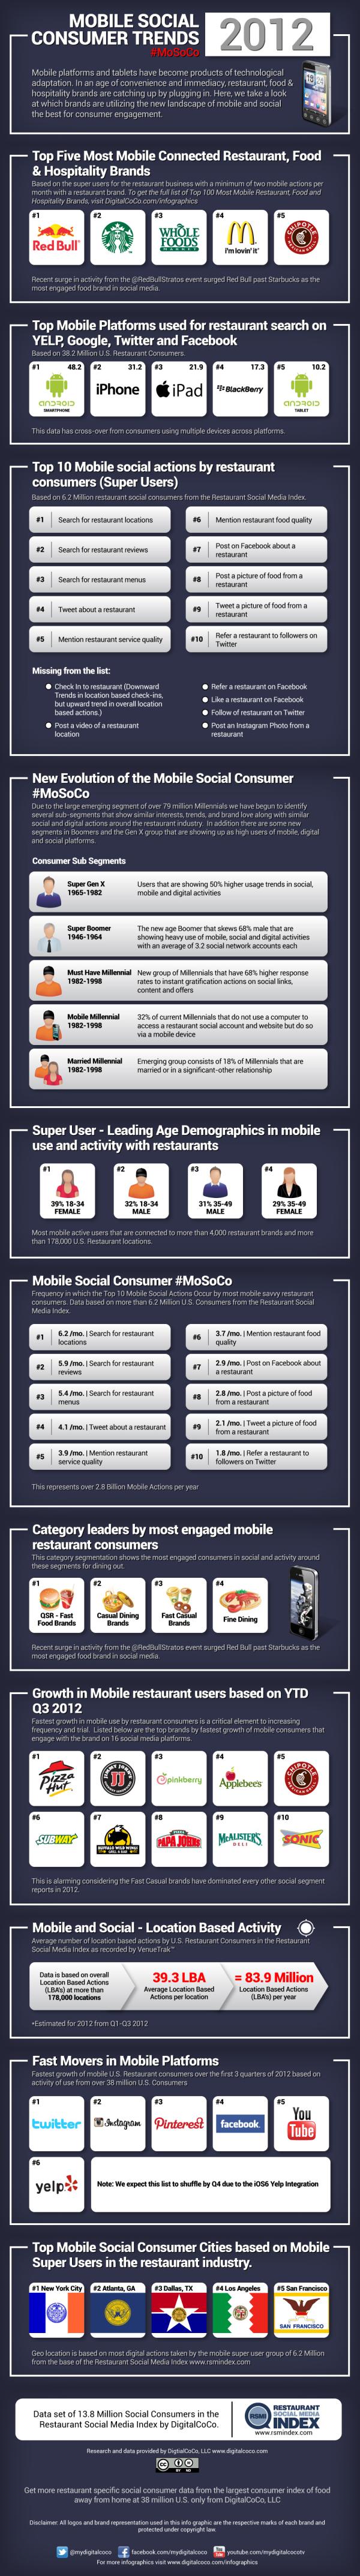 Mobile Social Consumer Trends resized 600